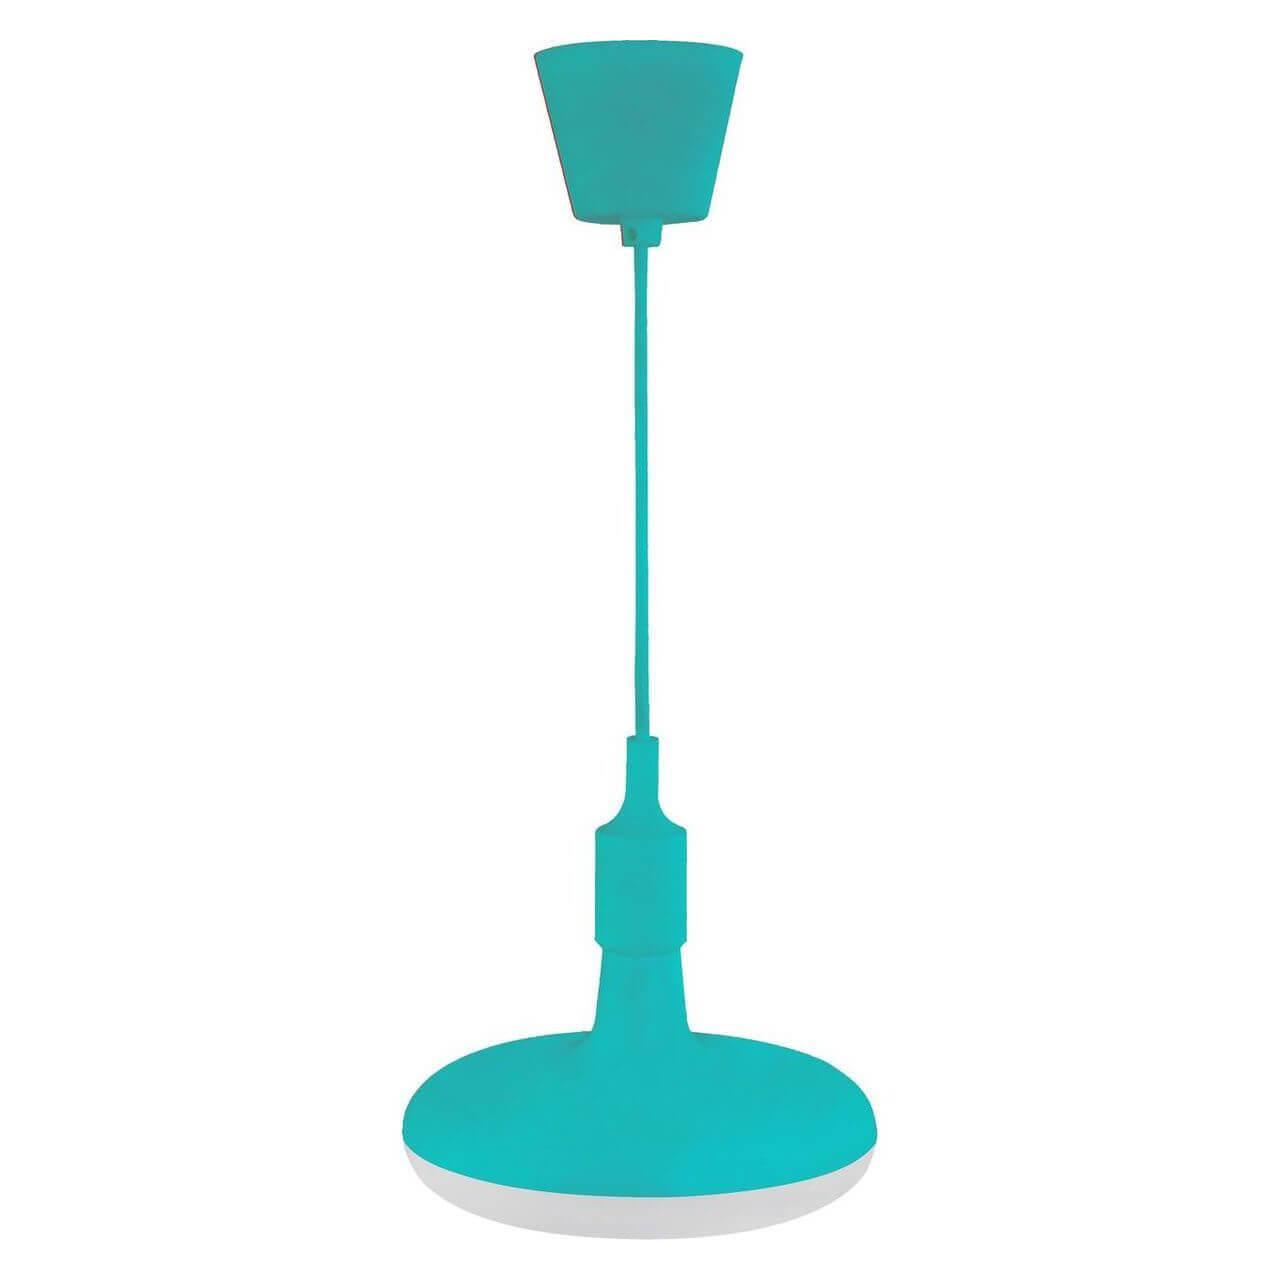 Подвесной светодиодный светильник Horoz Sembol голубой 020-006-0012 подвесной светильник sembol hrz00002171